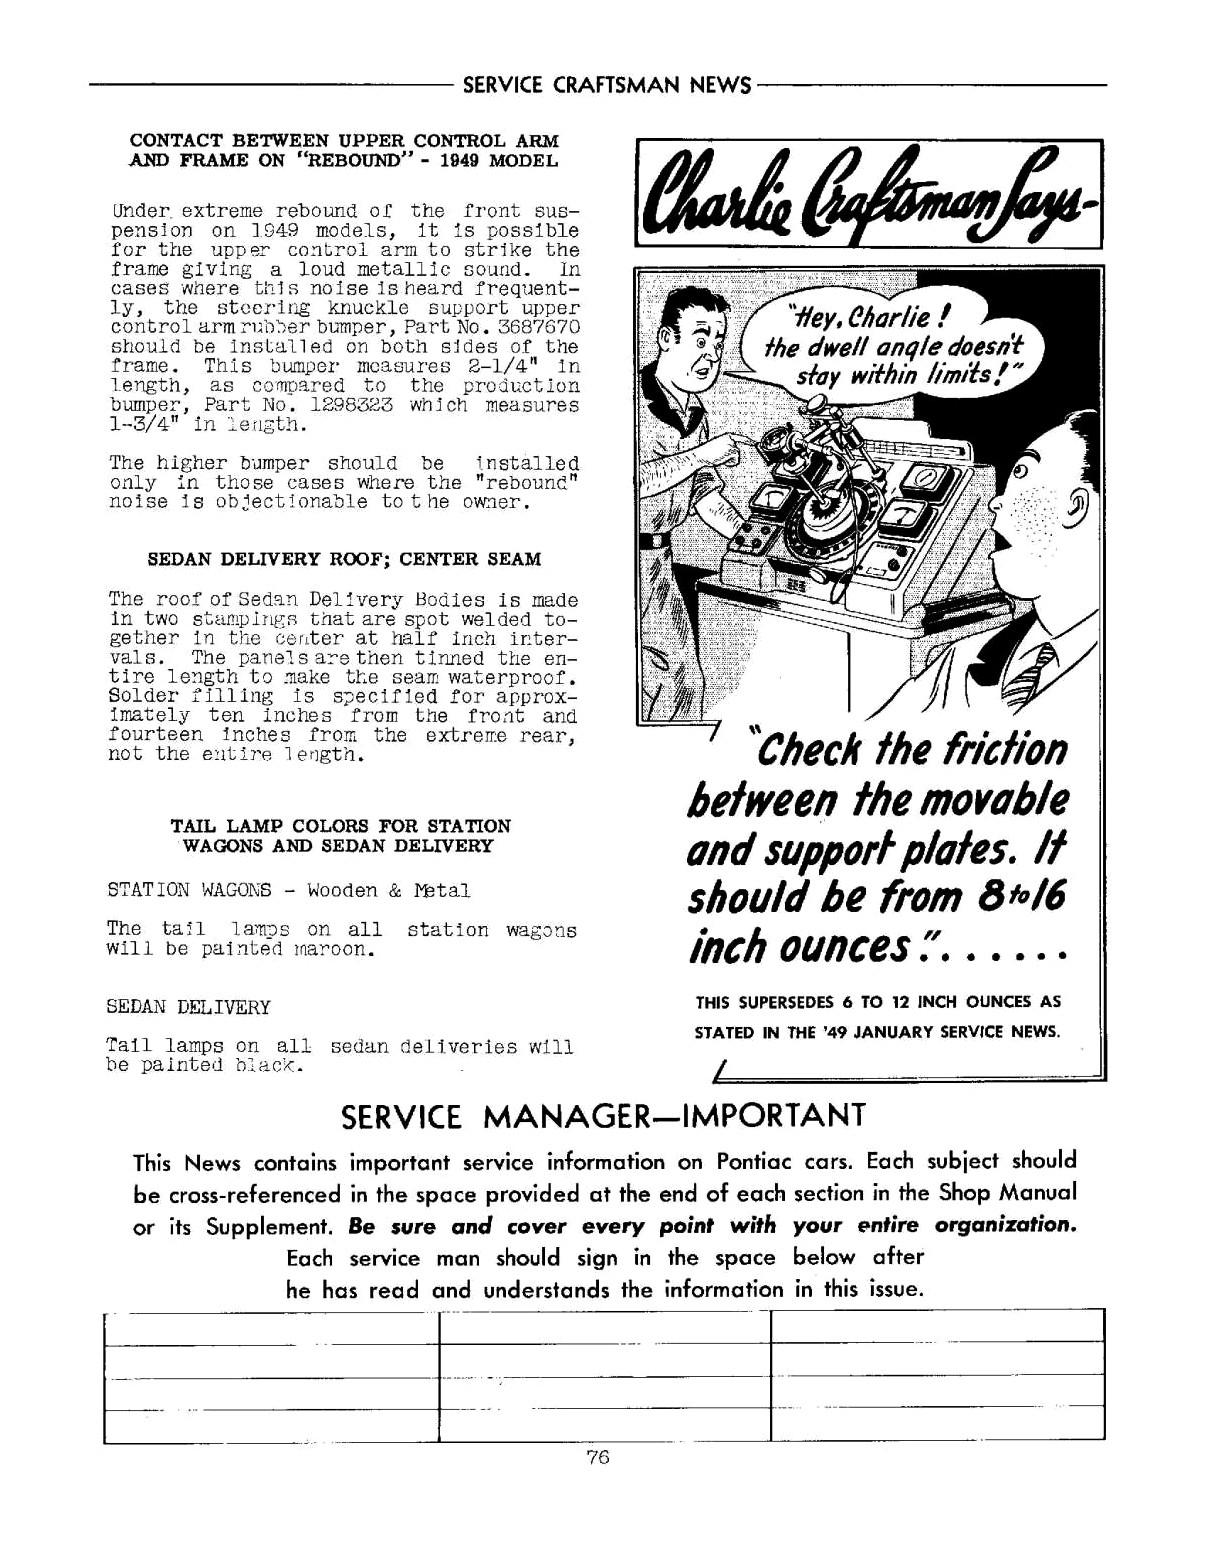 1949 Pontiac Service Craftsman News